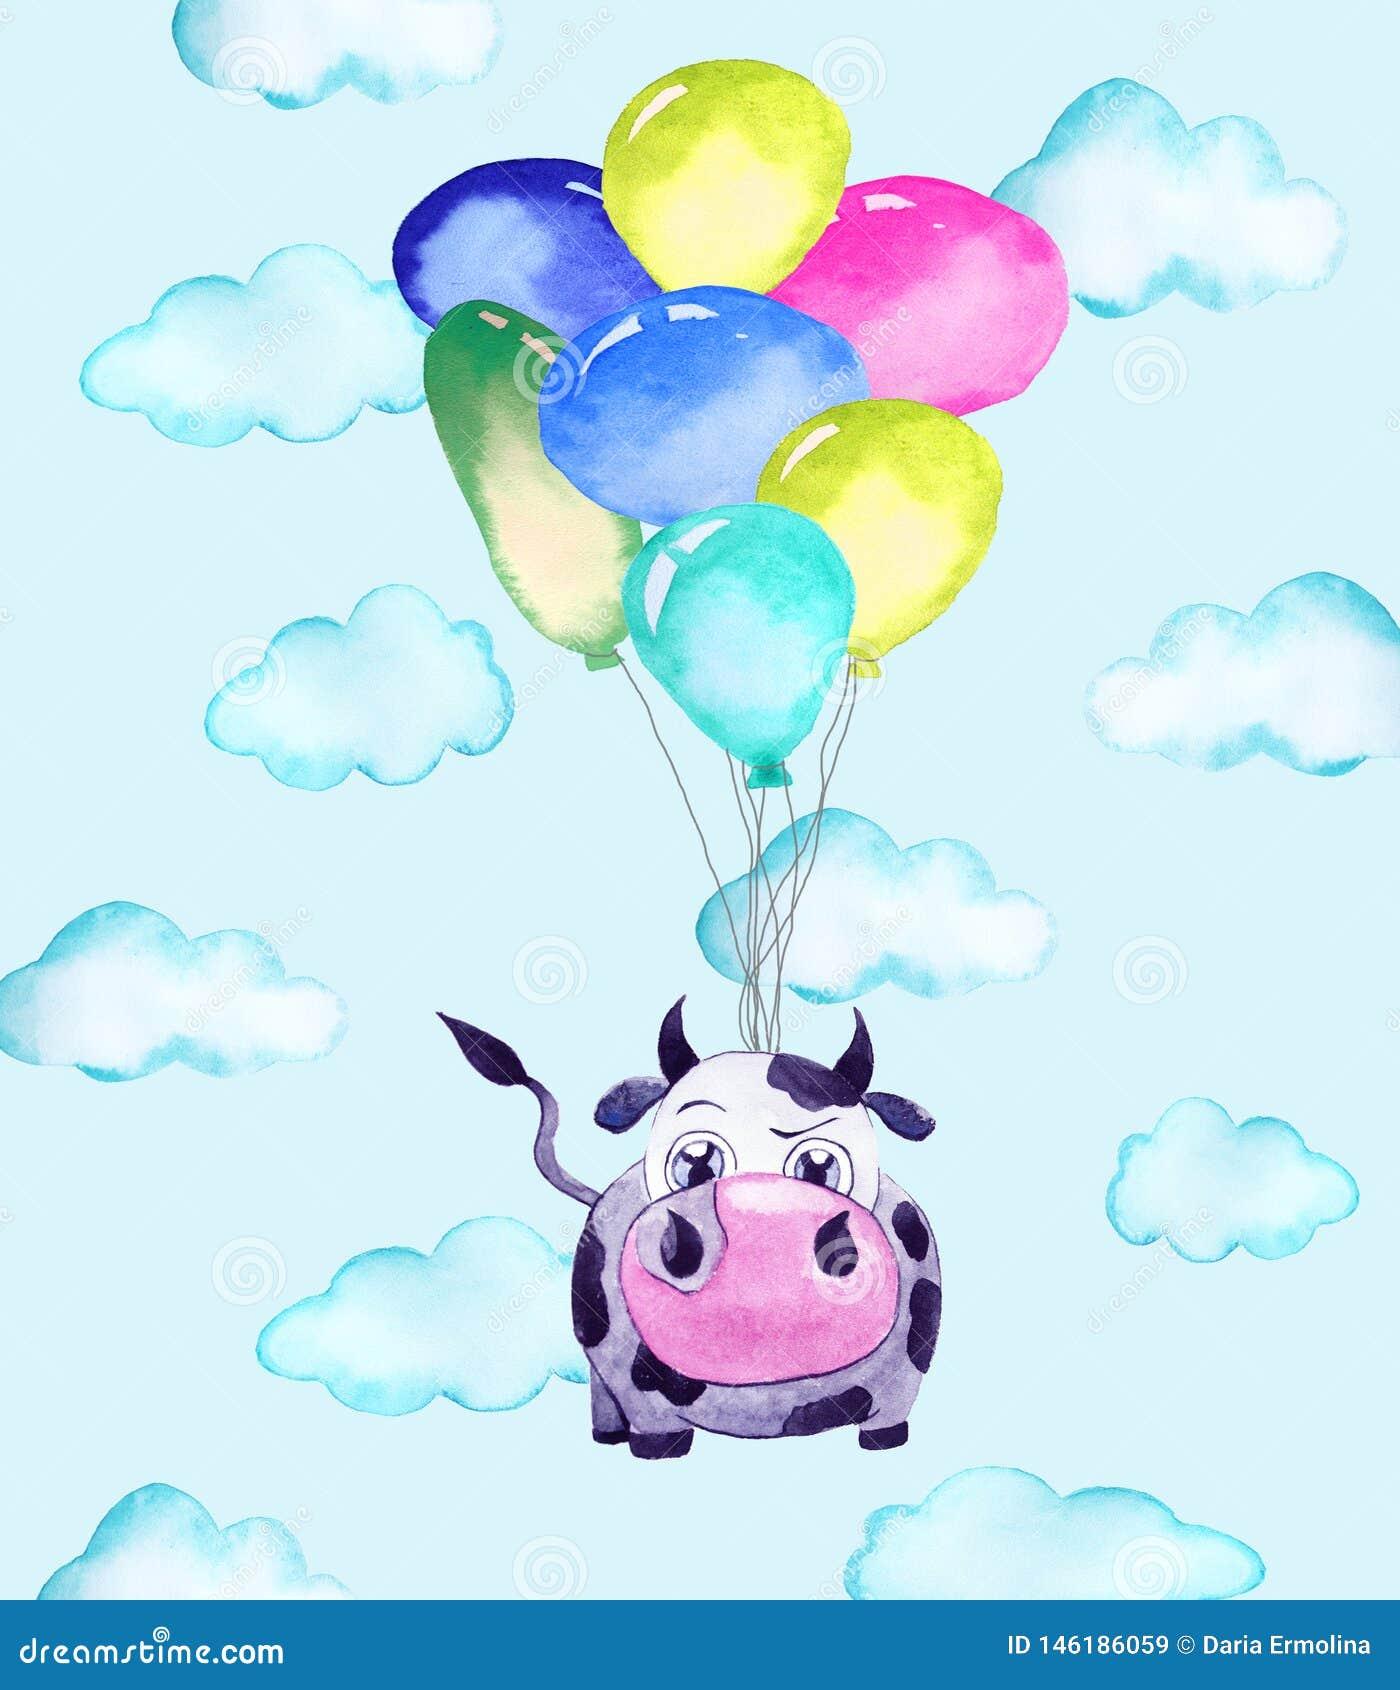 Иллюстрация коровы и воздушных шаров